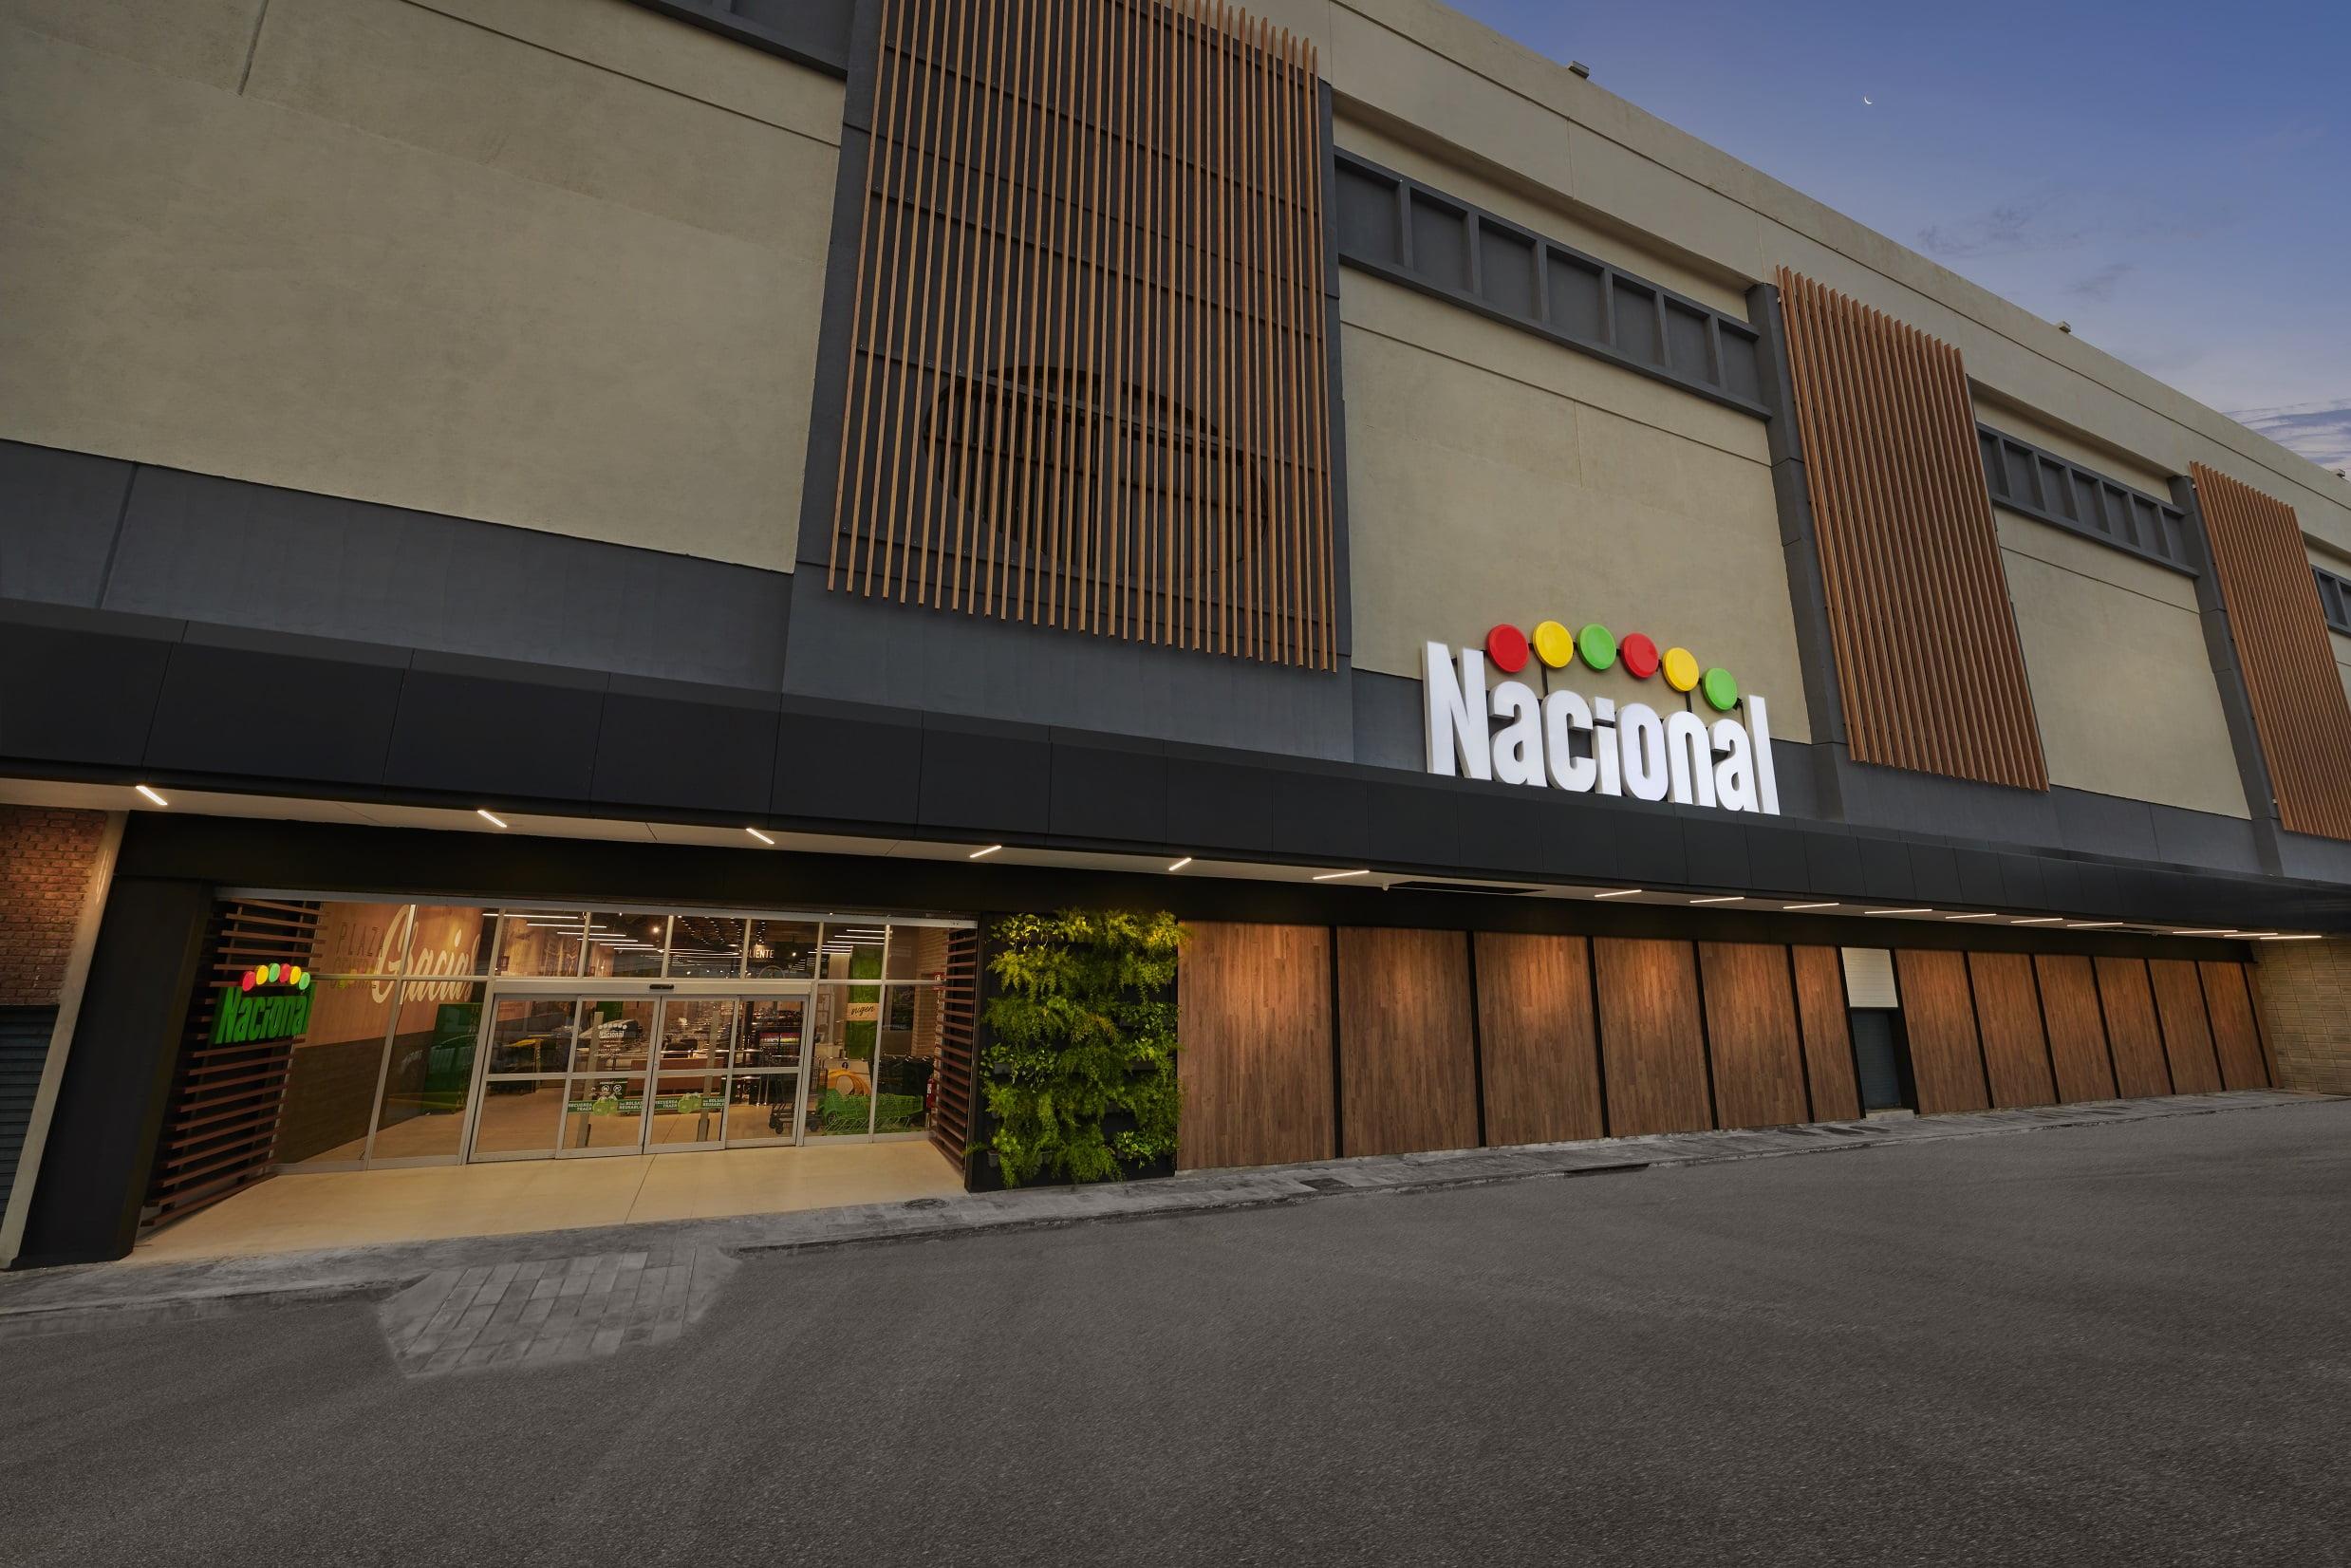 Supermercados Nacional fachada